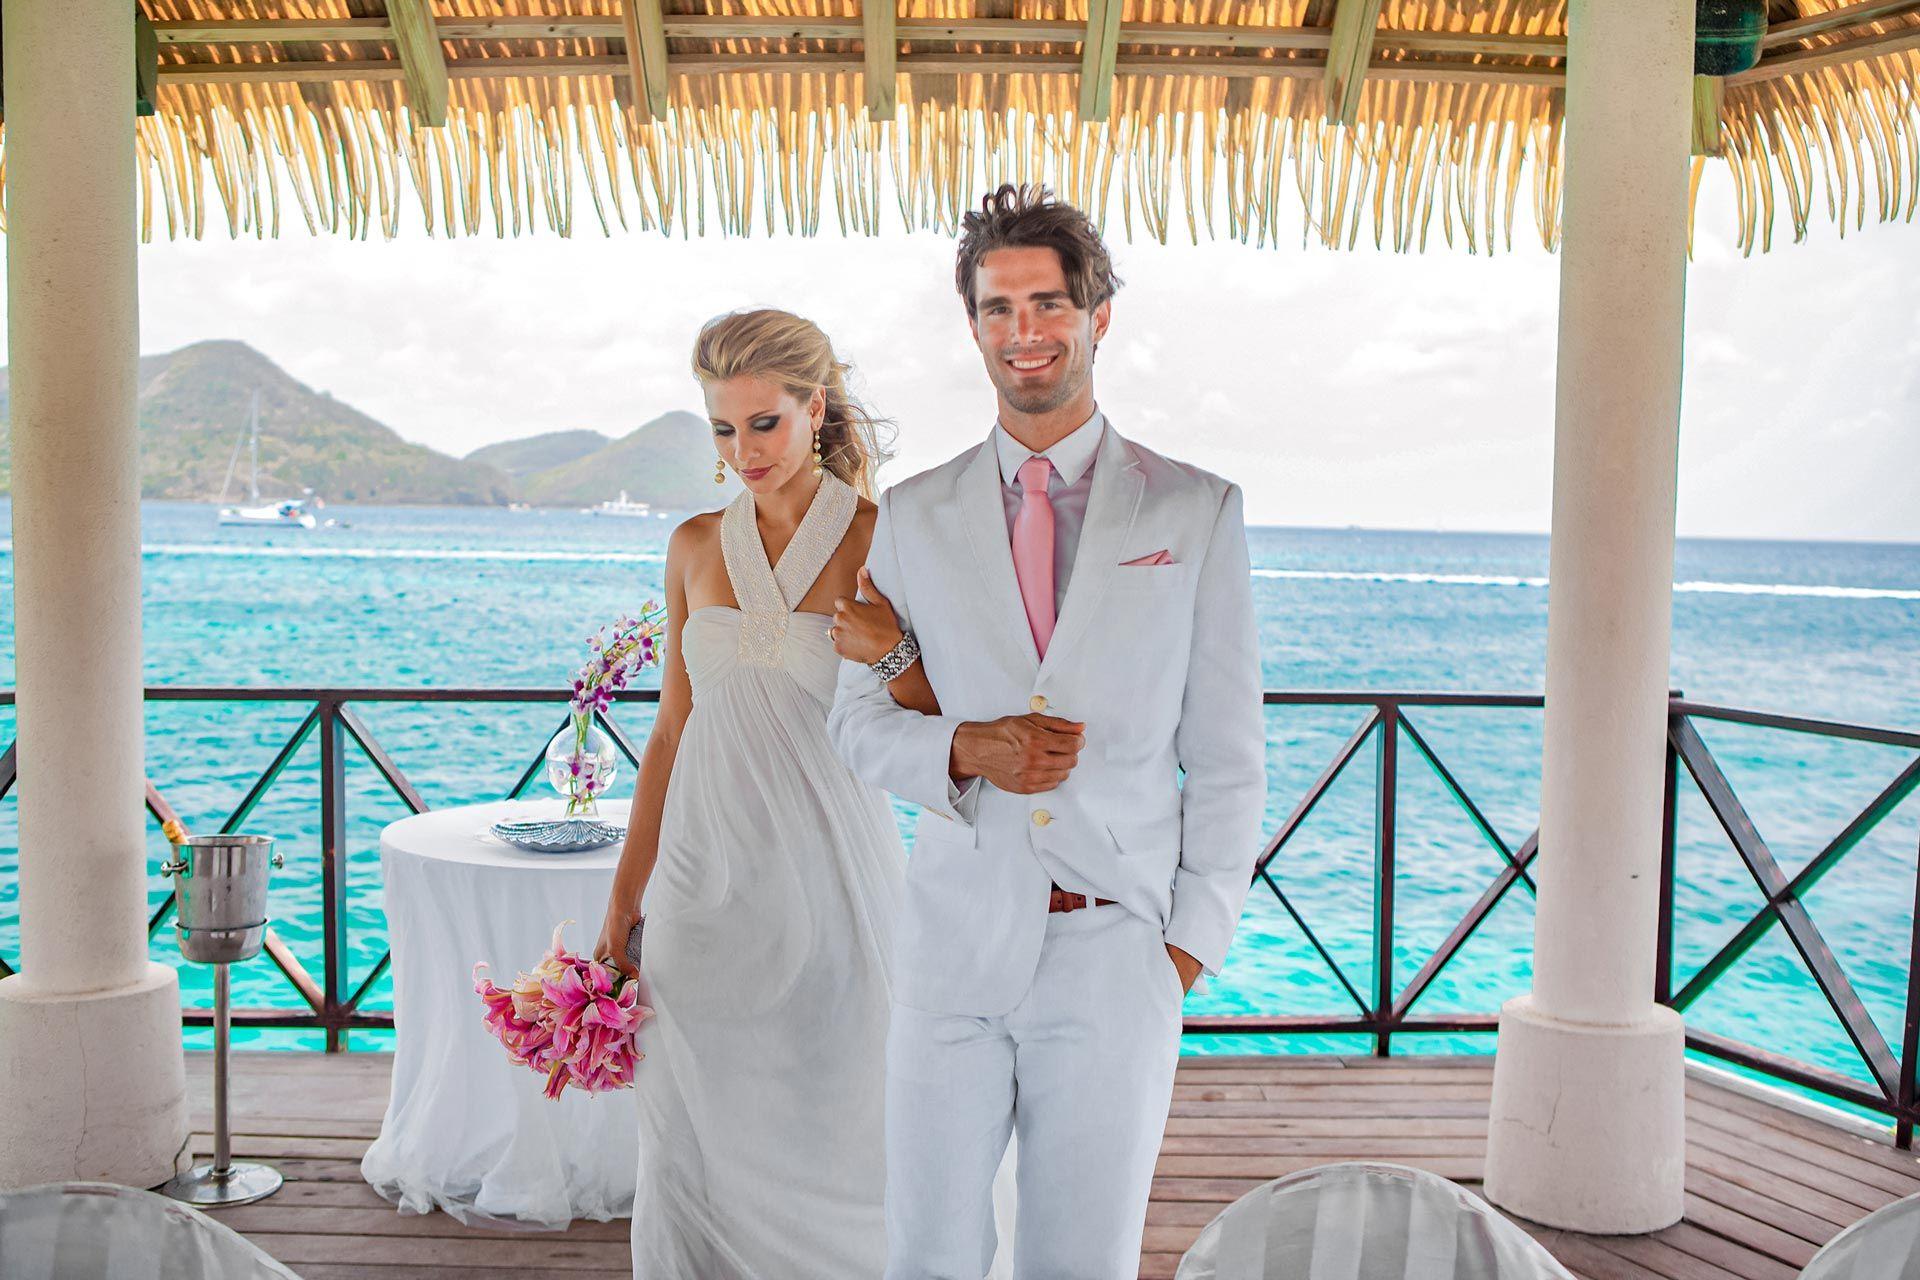 Sandals Grande St Lucian Oceanfront Wedding